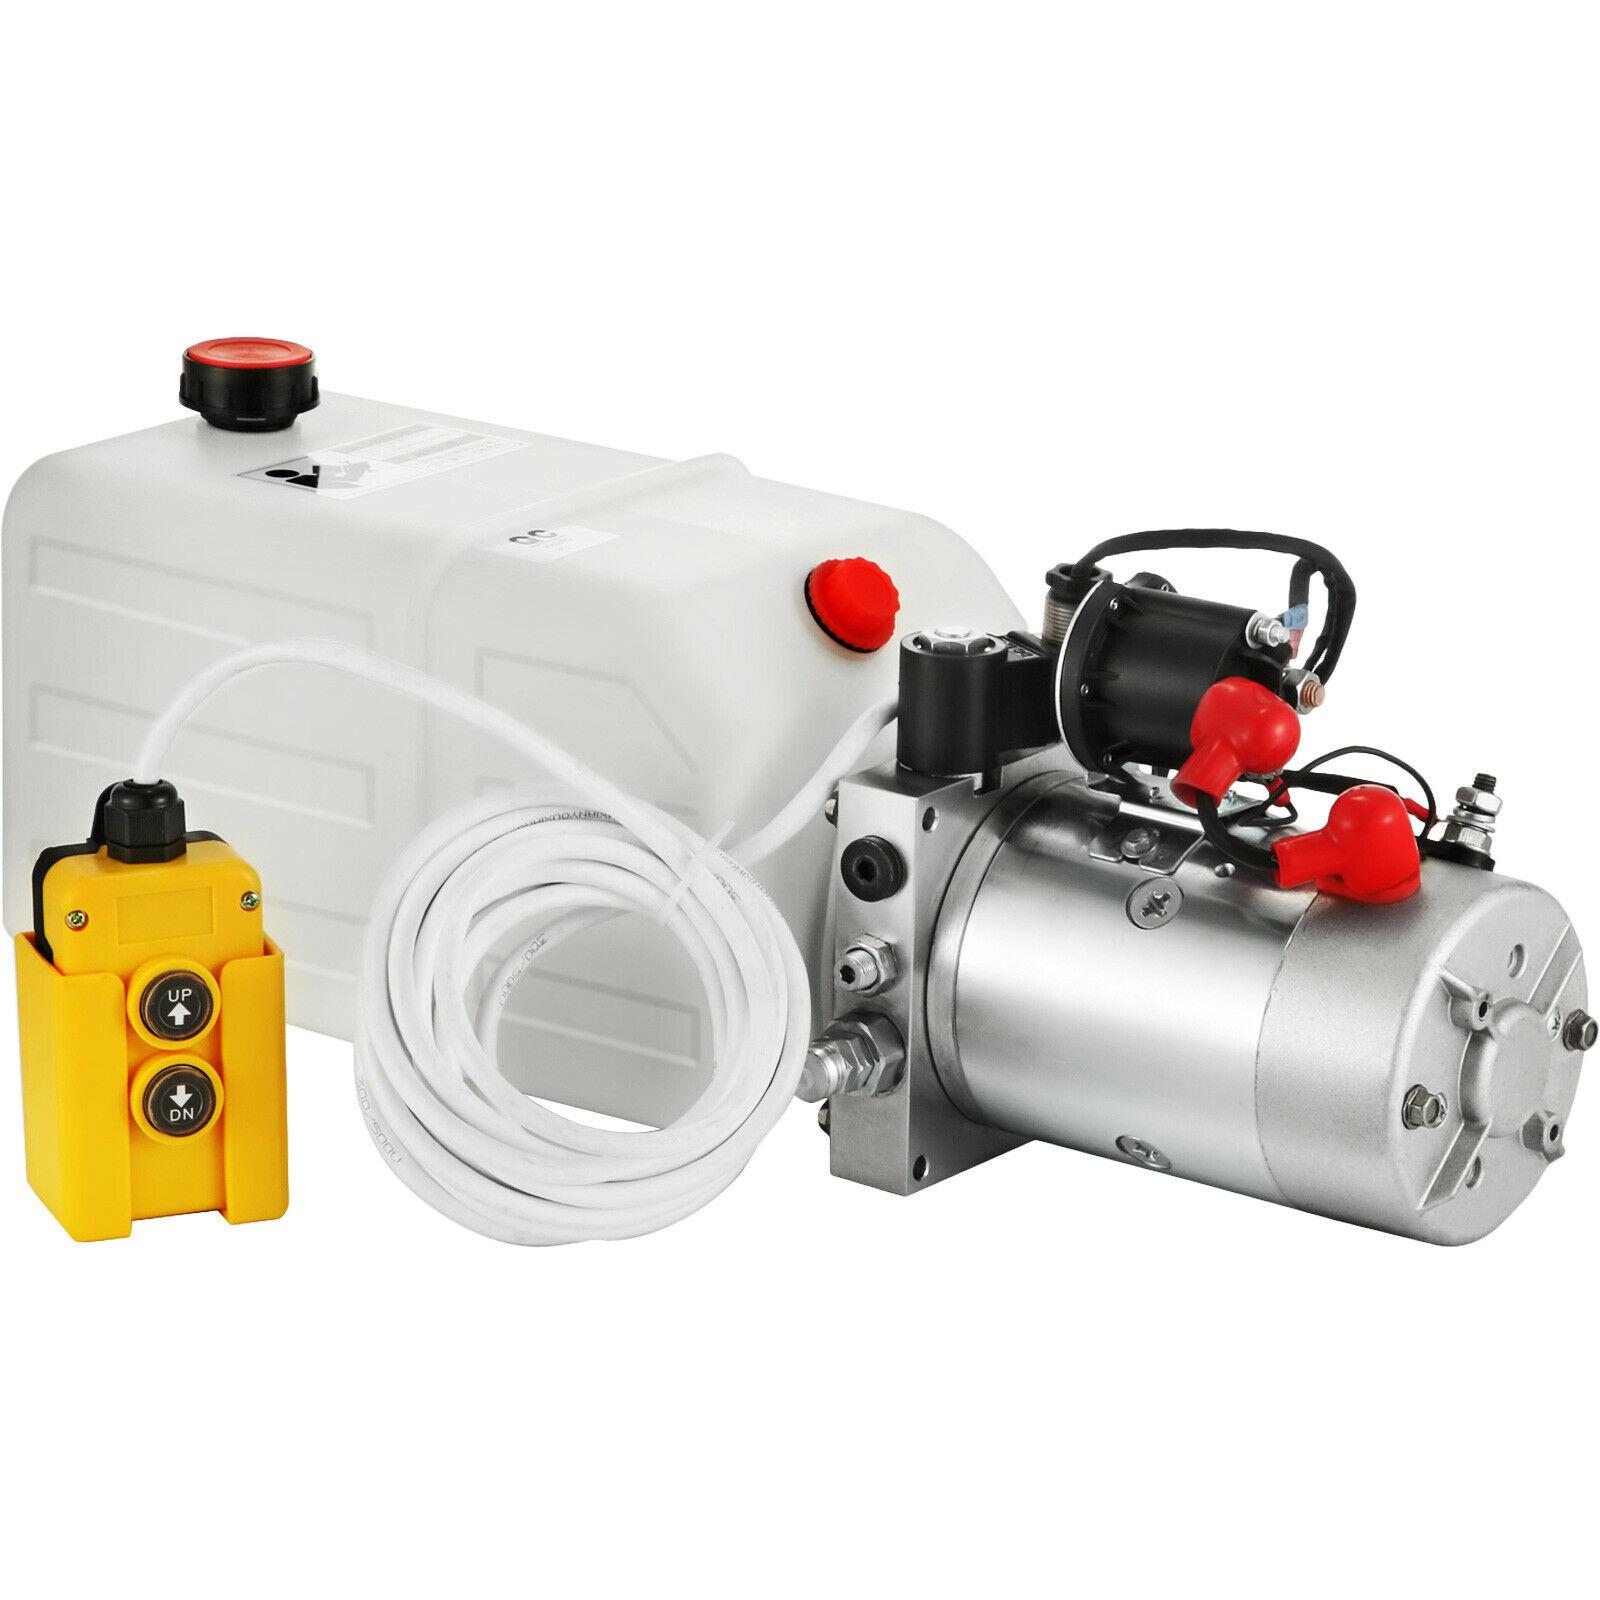 مضخة خزان بلاستيكية أحادية أو مزدوجة ، وحدة طاقة هيدروليكية 12 فولت ، 7 لتر